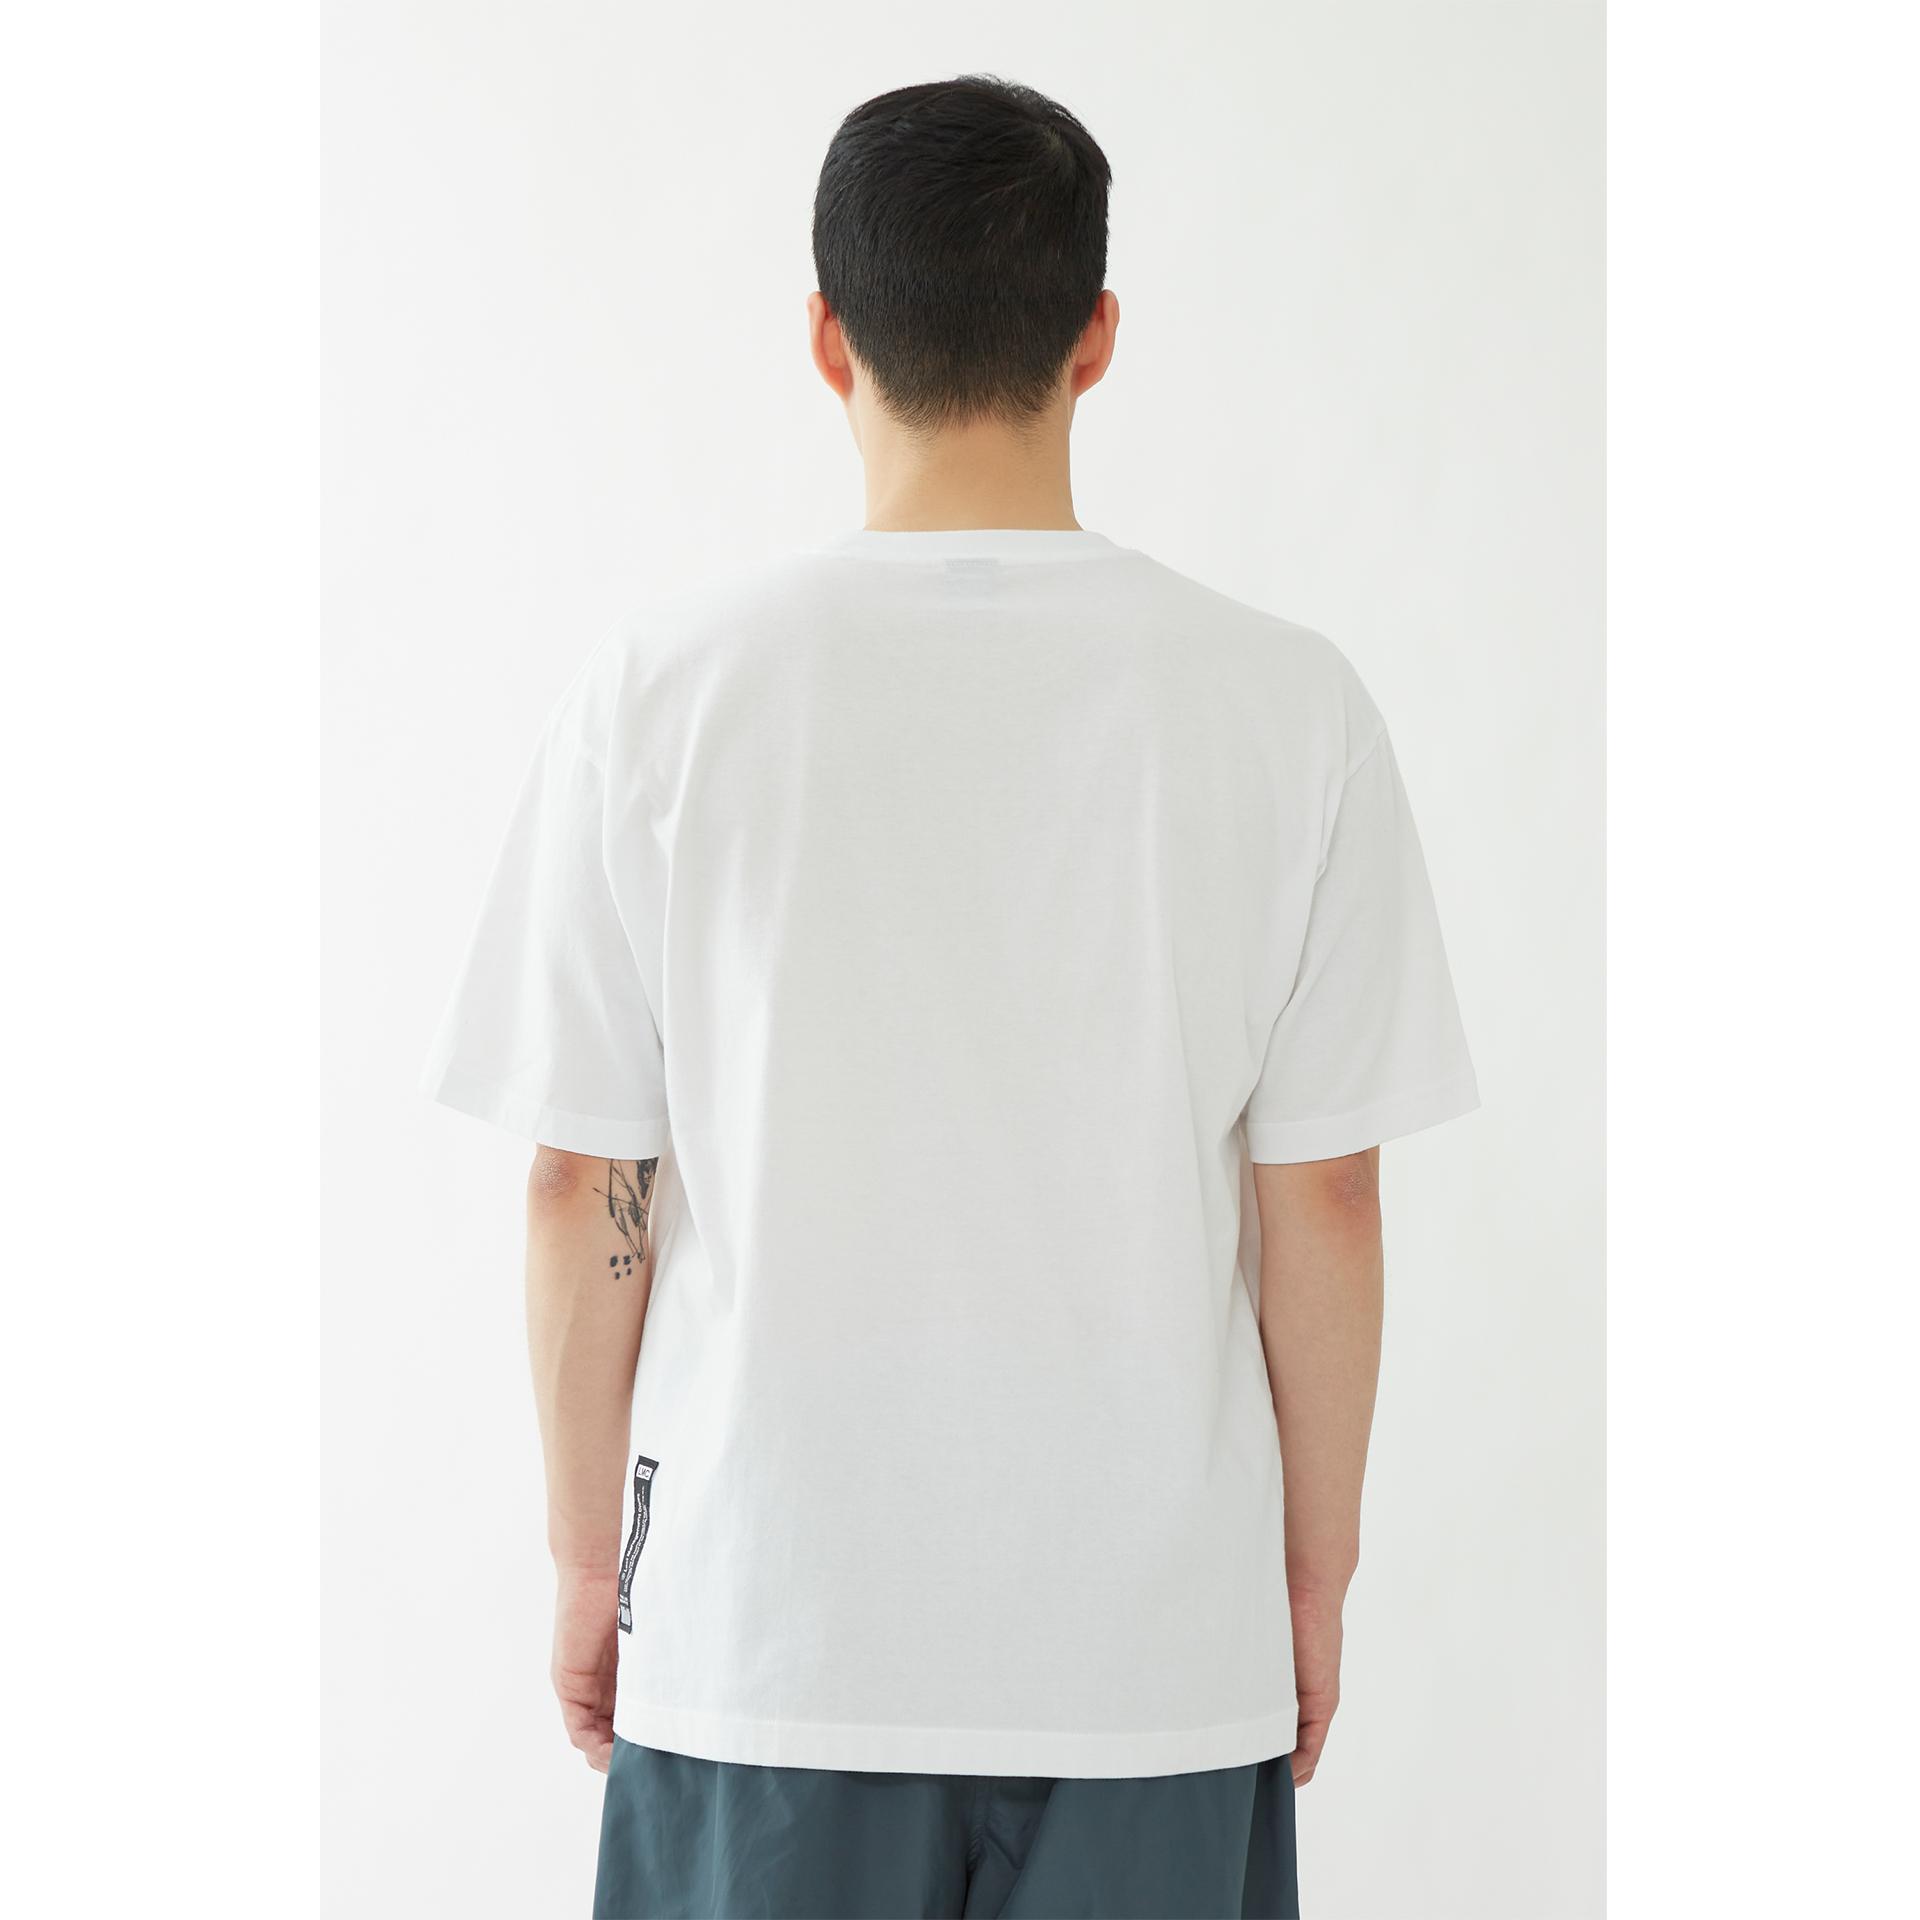 엘엠씨(LMC) LMC ZT V2 TEE white